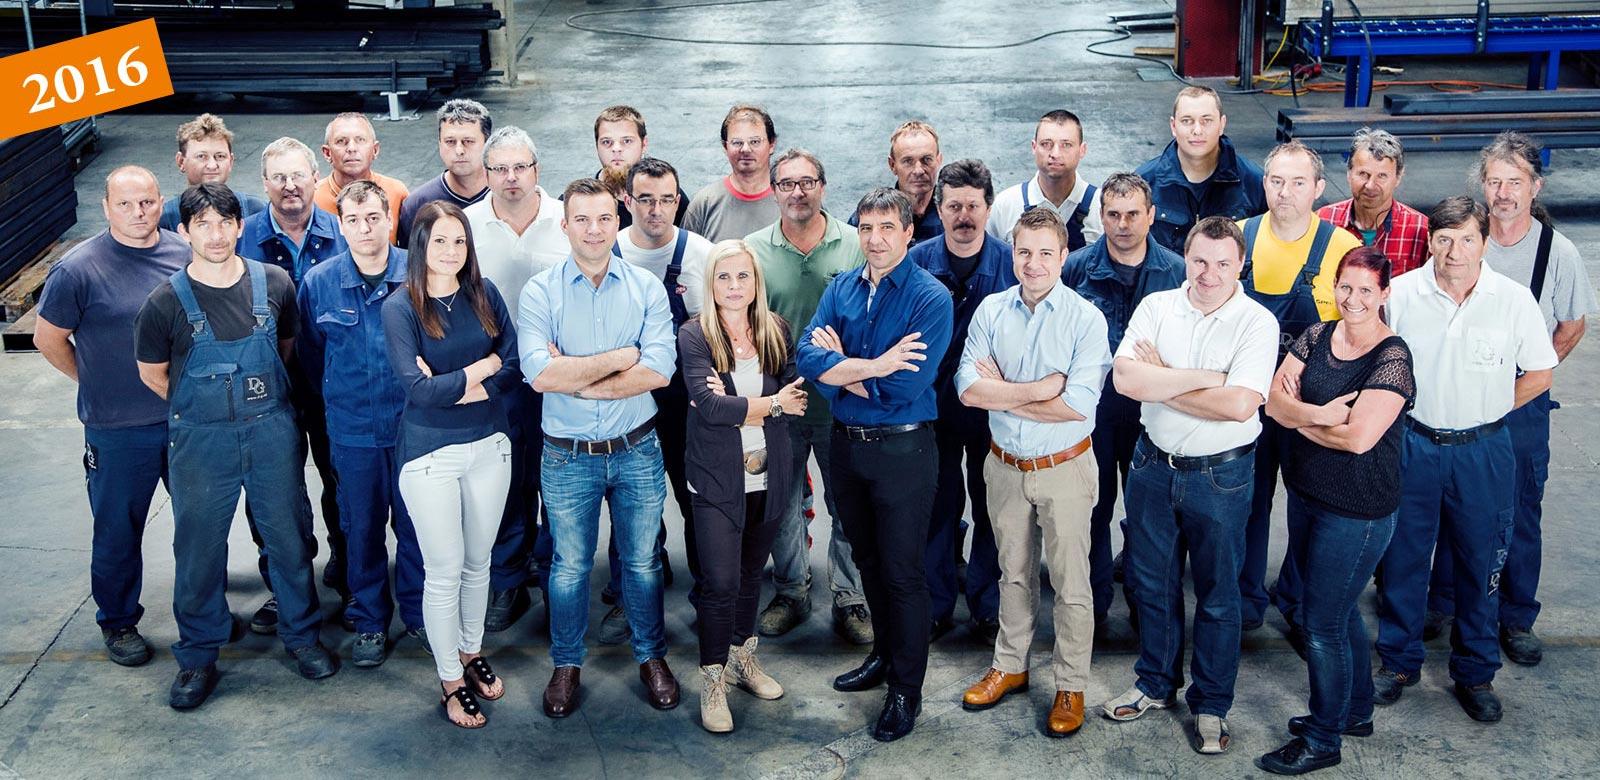 Dornauer Grillitsch GmbH Team